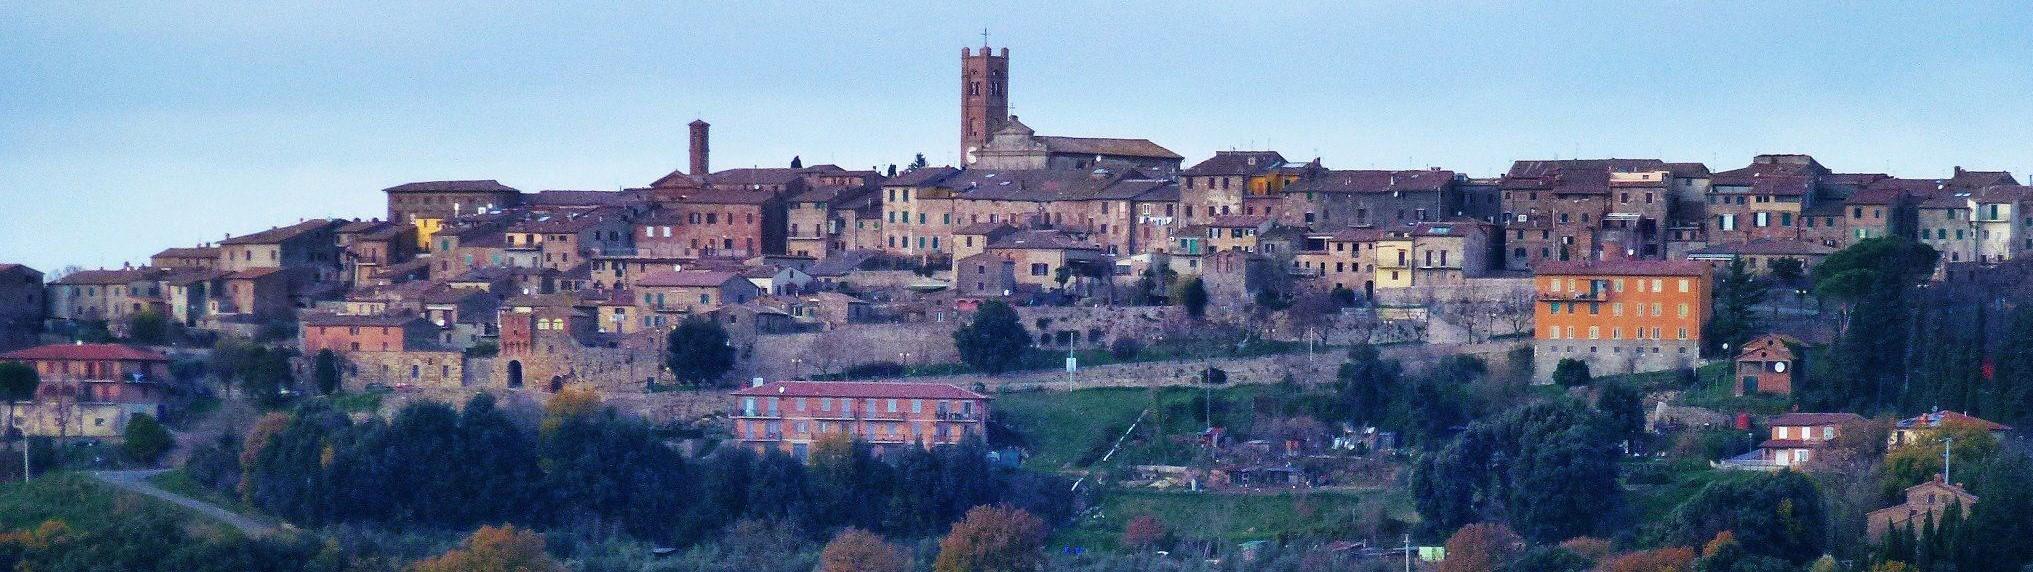 nella foto a colori si vede una visione panoramica di un piccolo paese della provincia di Siena, Radicondoli, dove spicca il campanile della Chiesa.